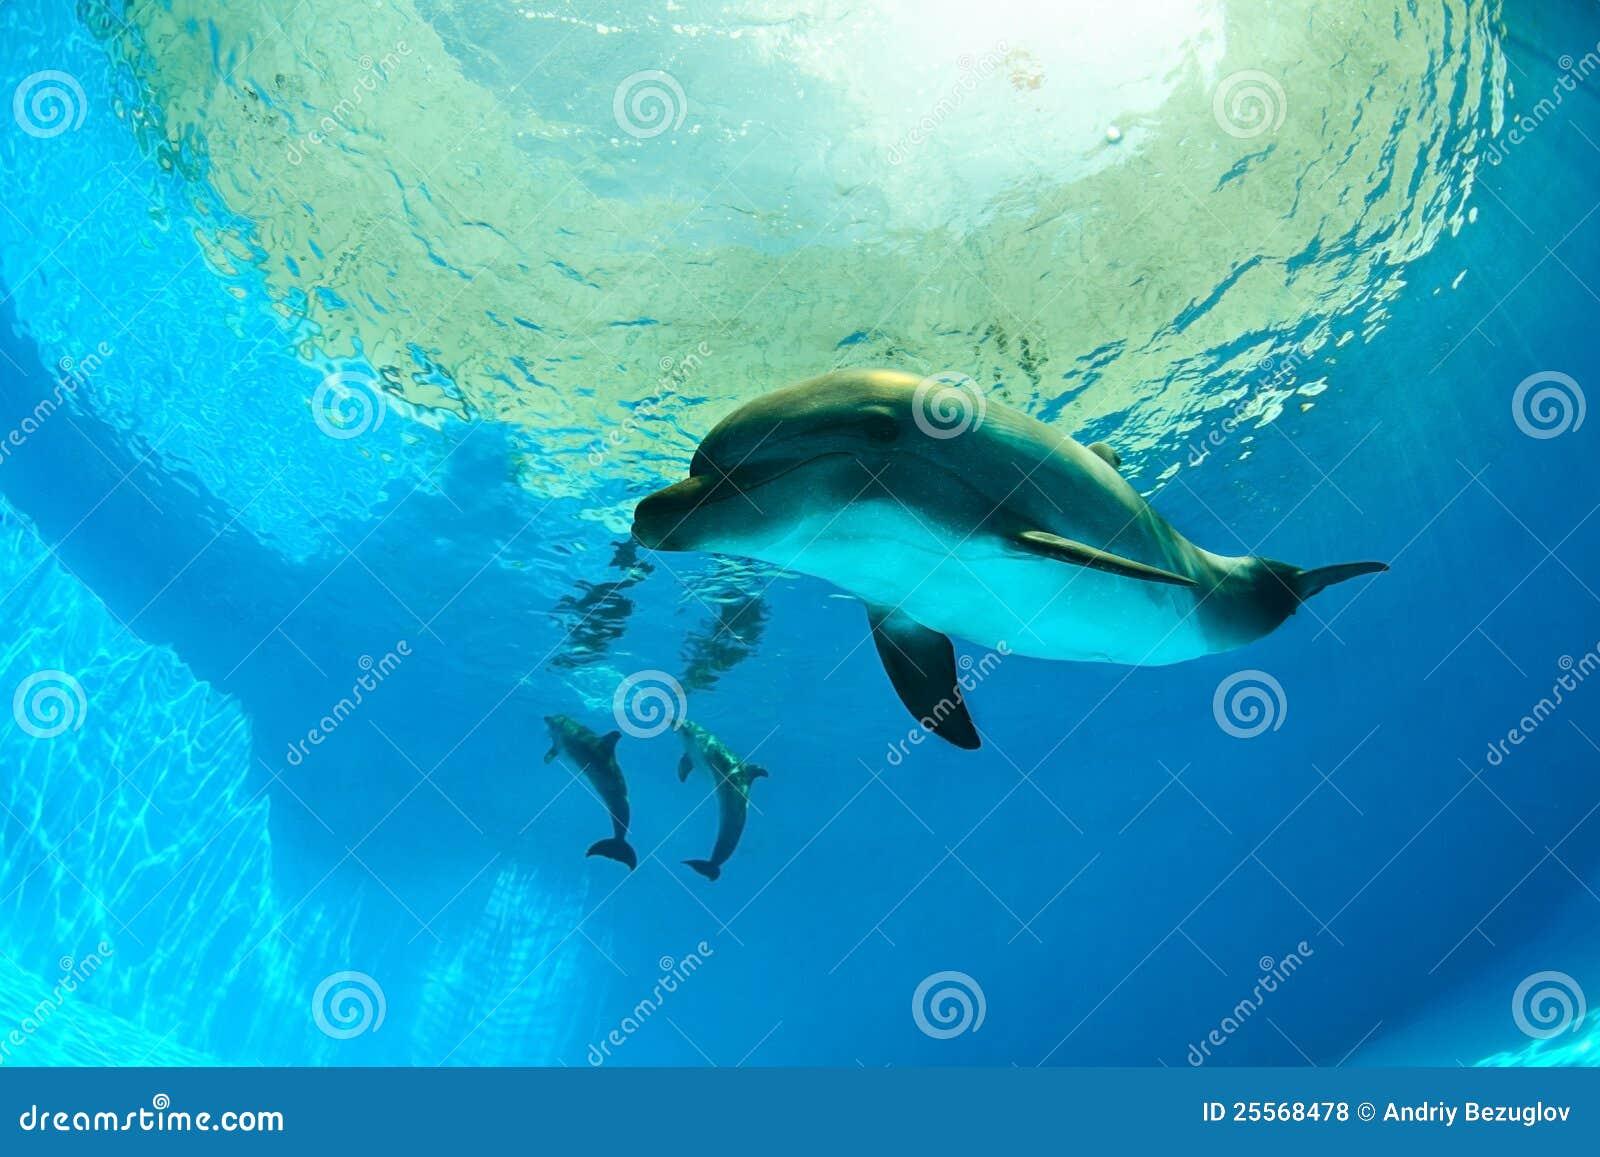 dauphins sous l 39 eau photo stock image du course harmonie 25568478. Black Bedroom Furniture Sets. Home Design Ideas